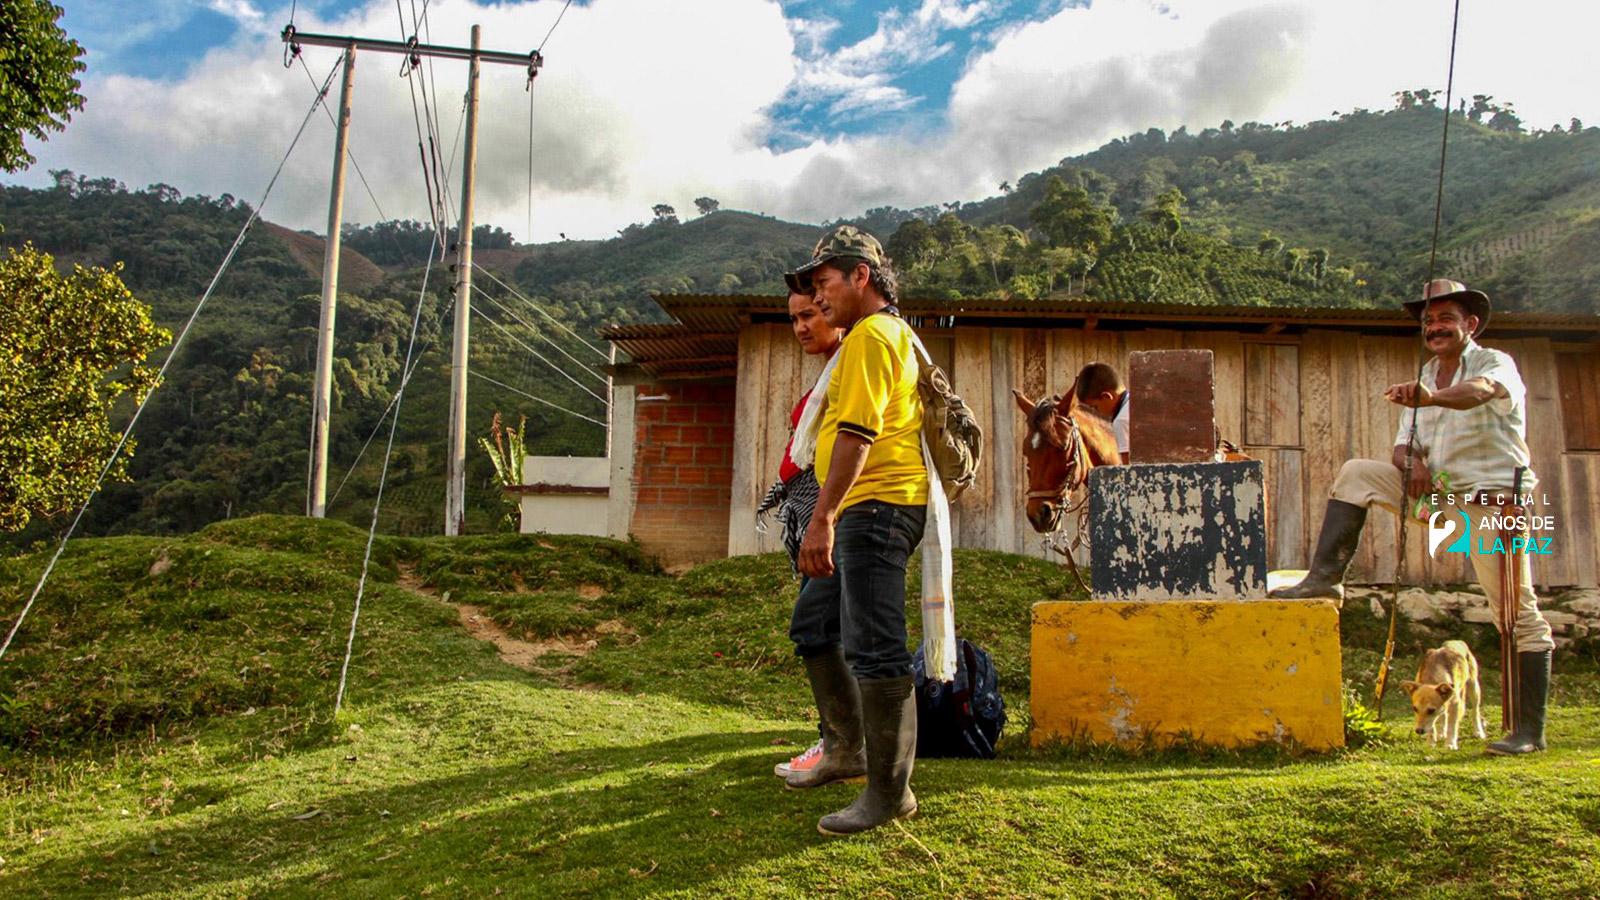 De la guerra al olvido, la paz frustrada en las montañas del Tolima